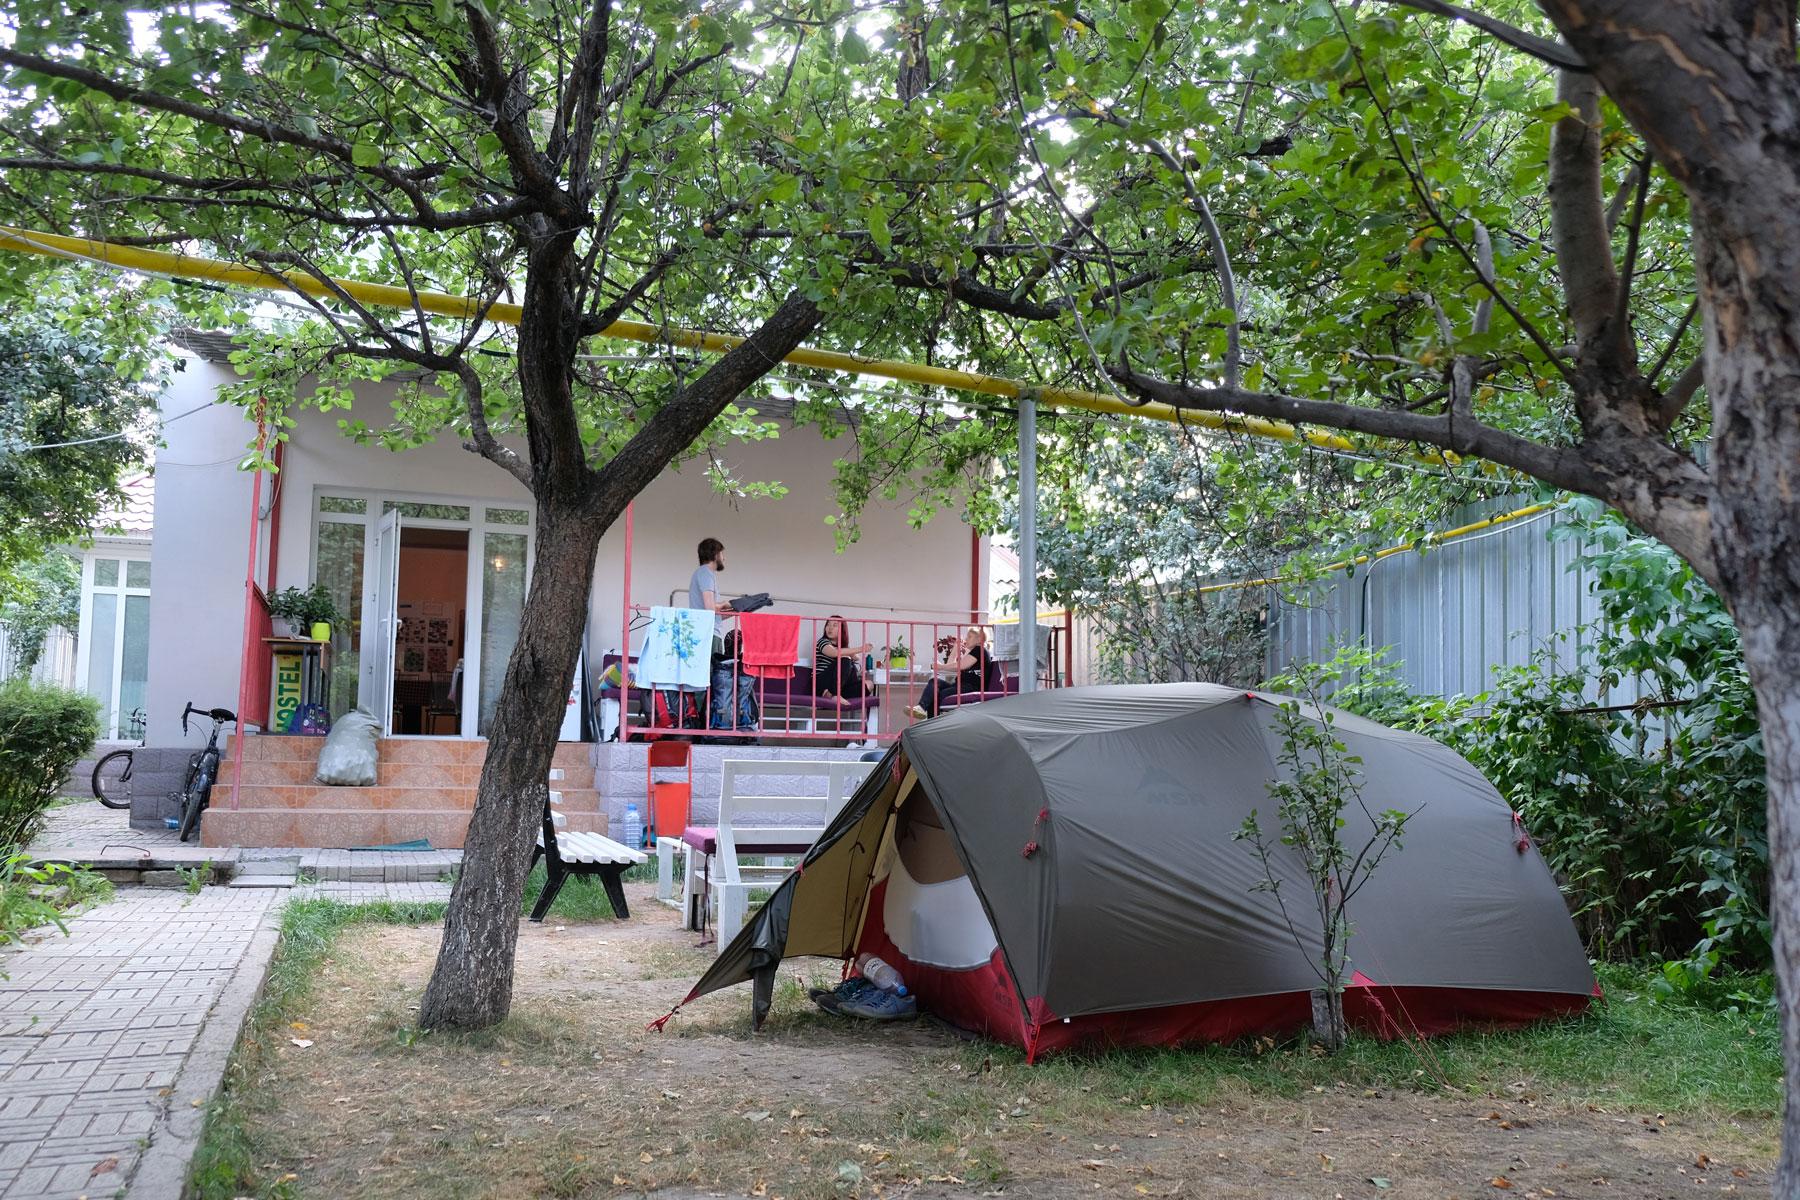 Ein Zelt steht im Garten eines Hostels.